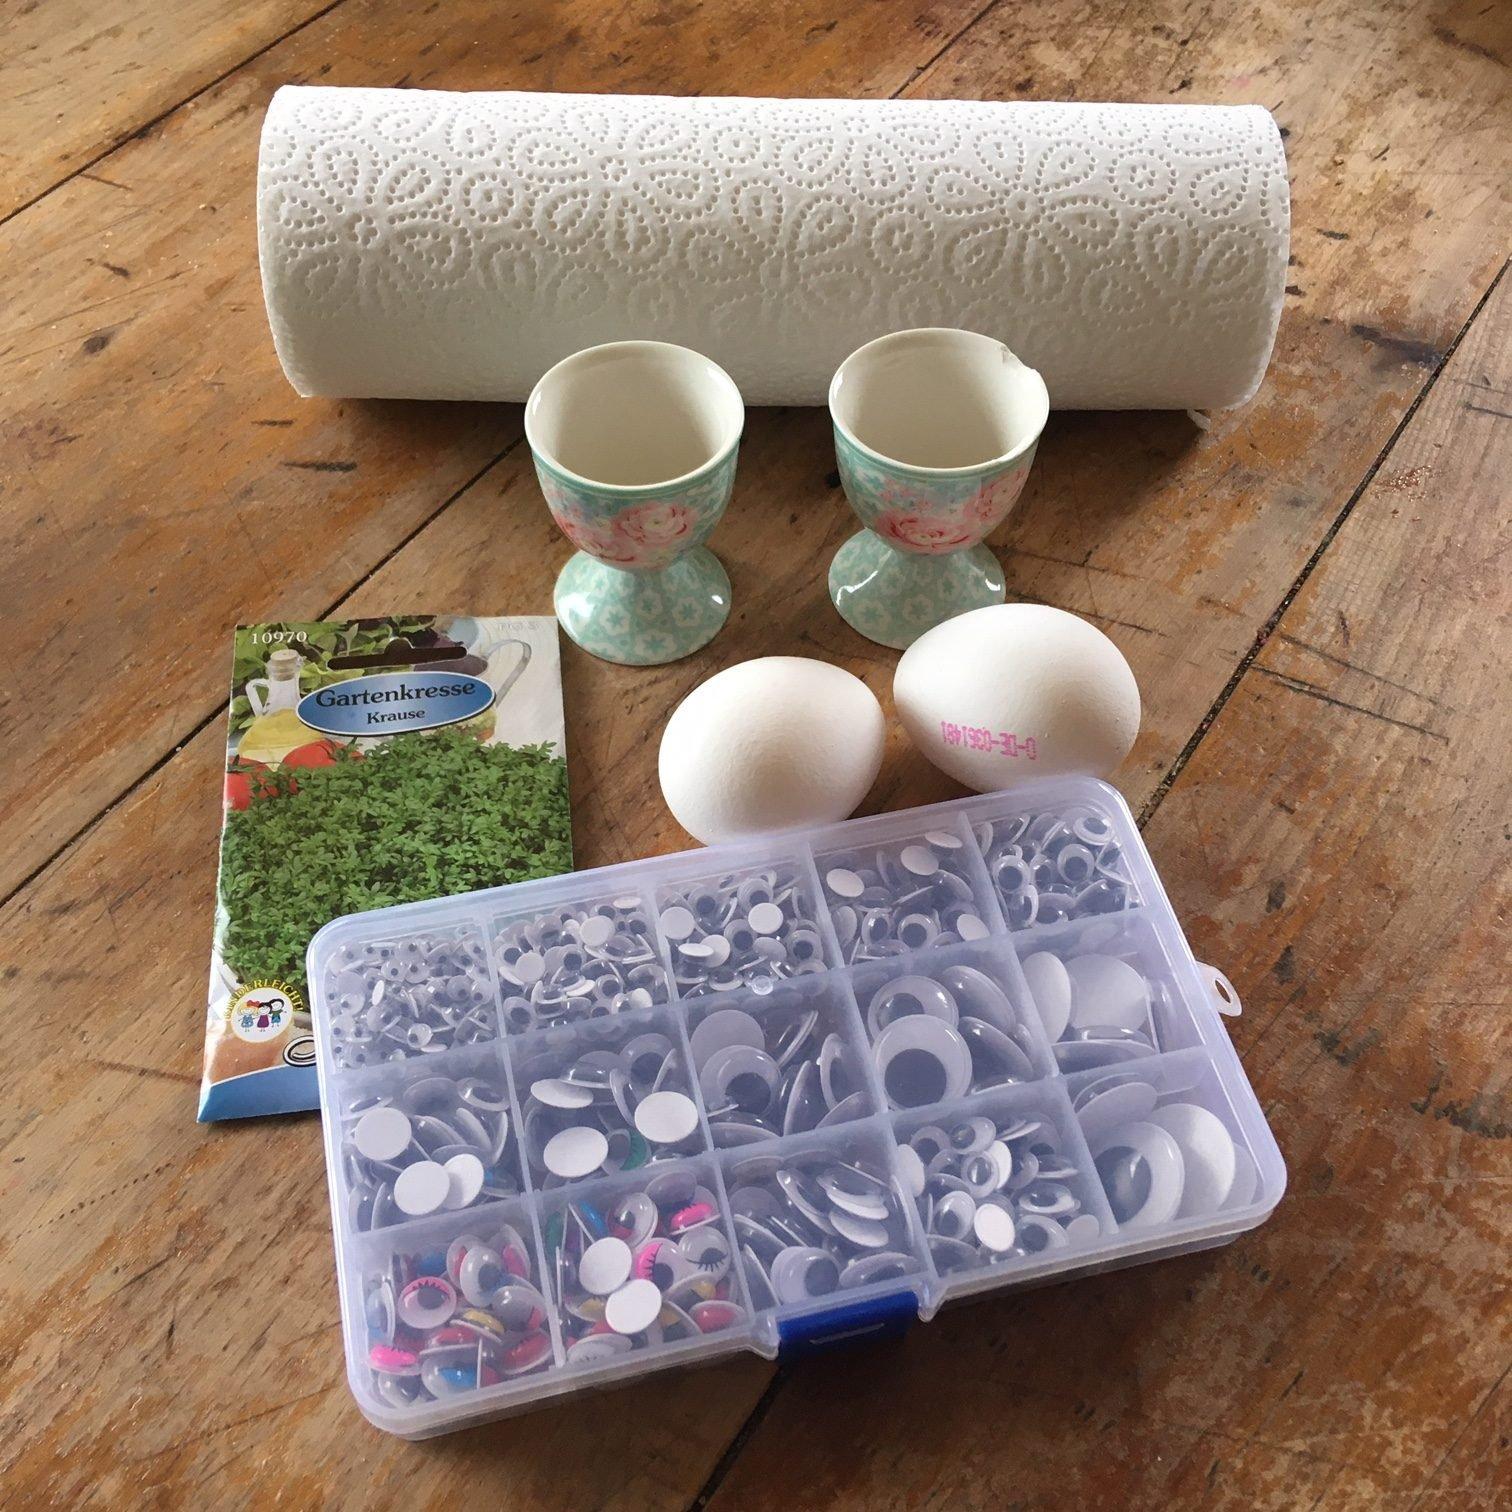 Lustige Kresse-Eier-Köpfe: Lecker, witzig und schnell gemacht